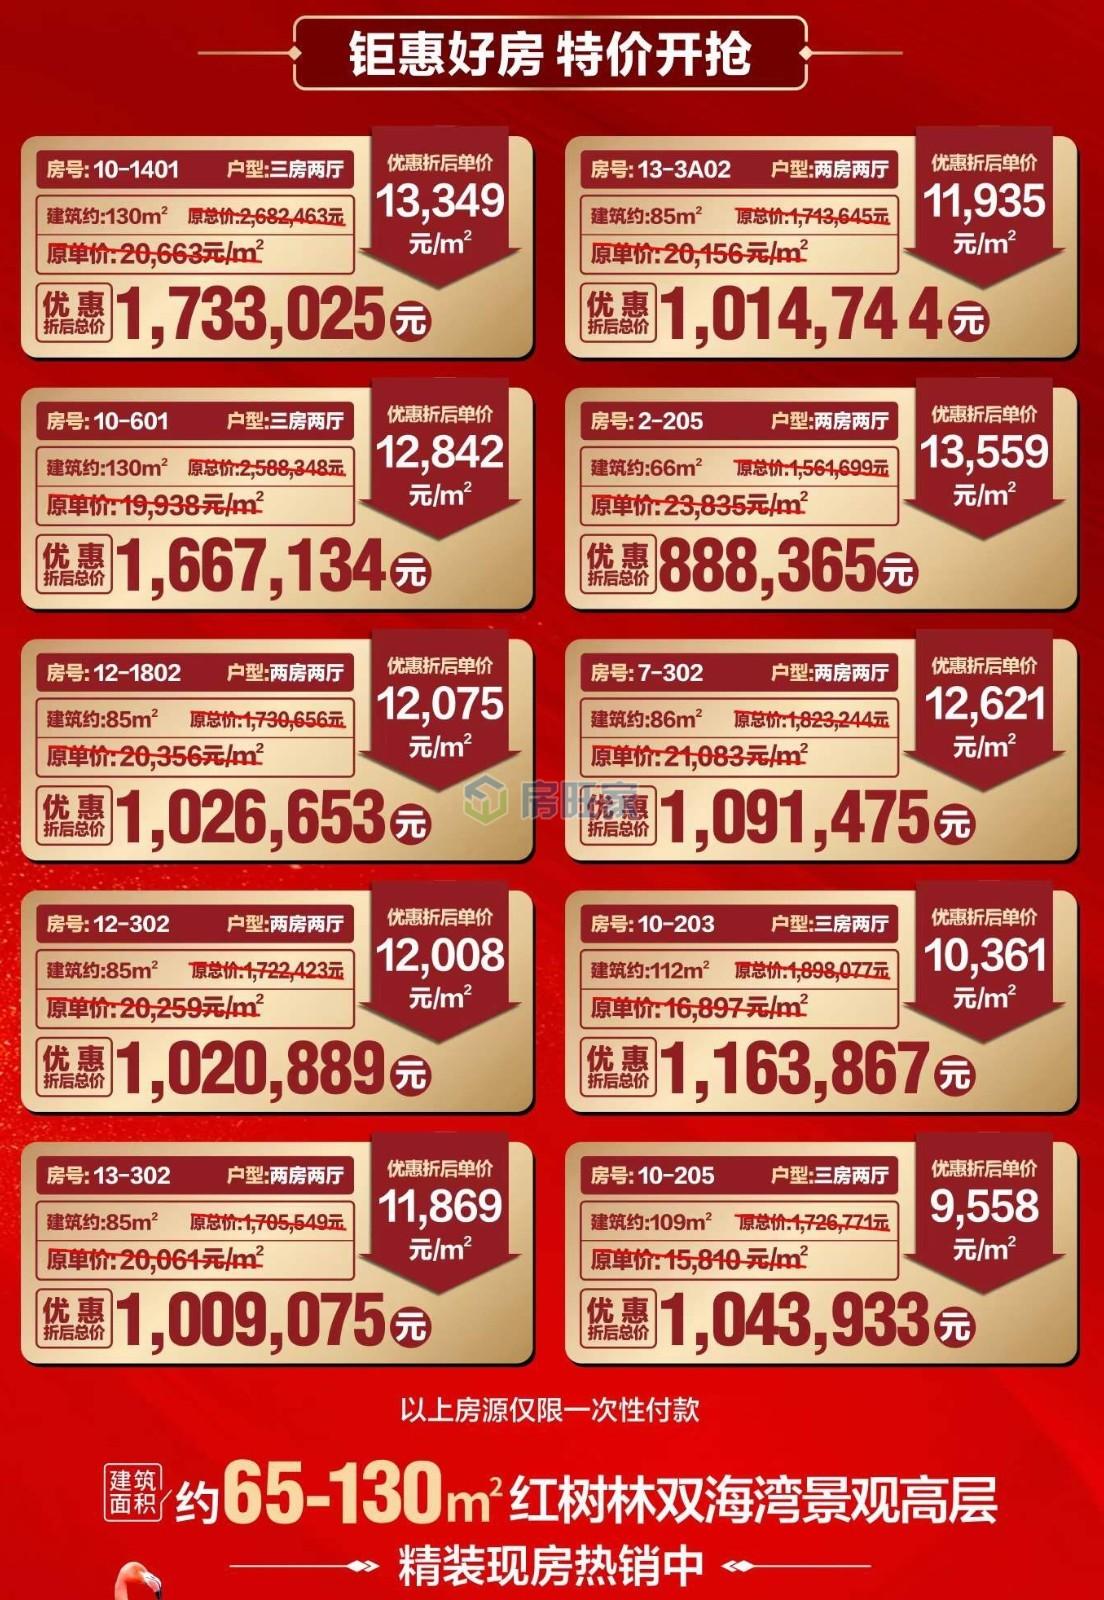 富力红树湾房源表